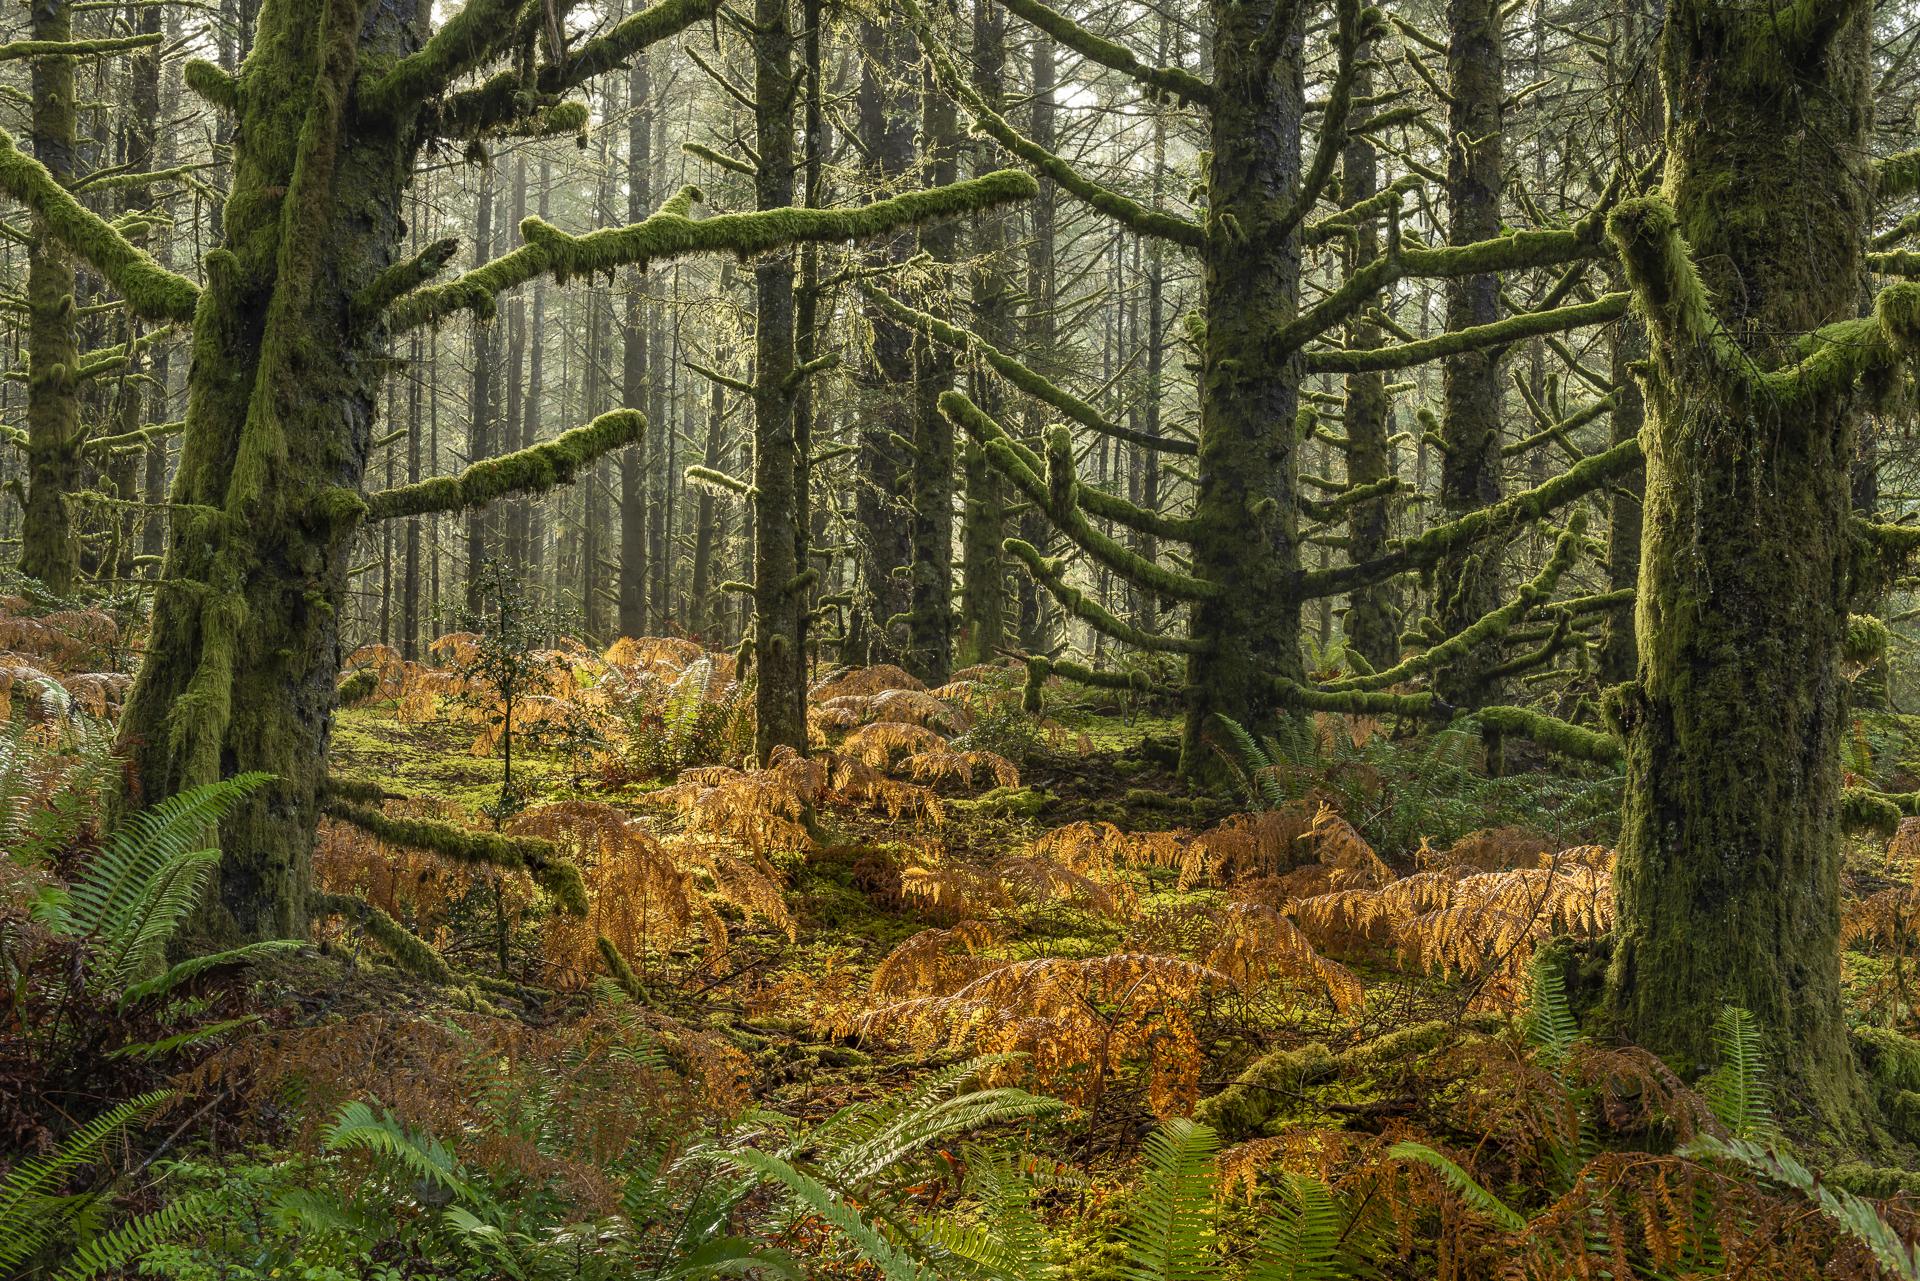 Rainforest, Fort Stevens State Park